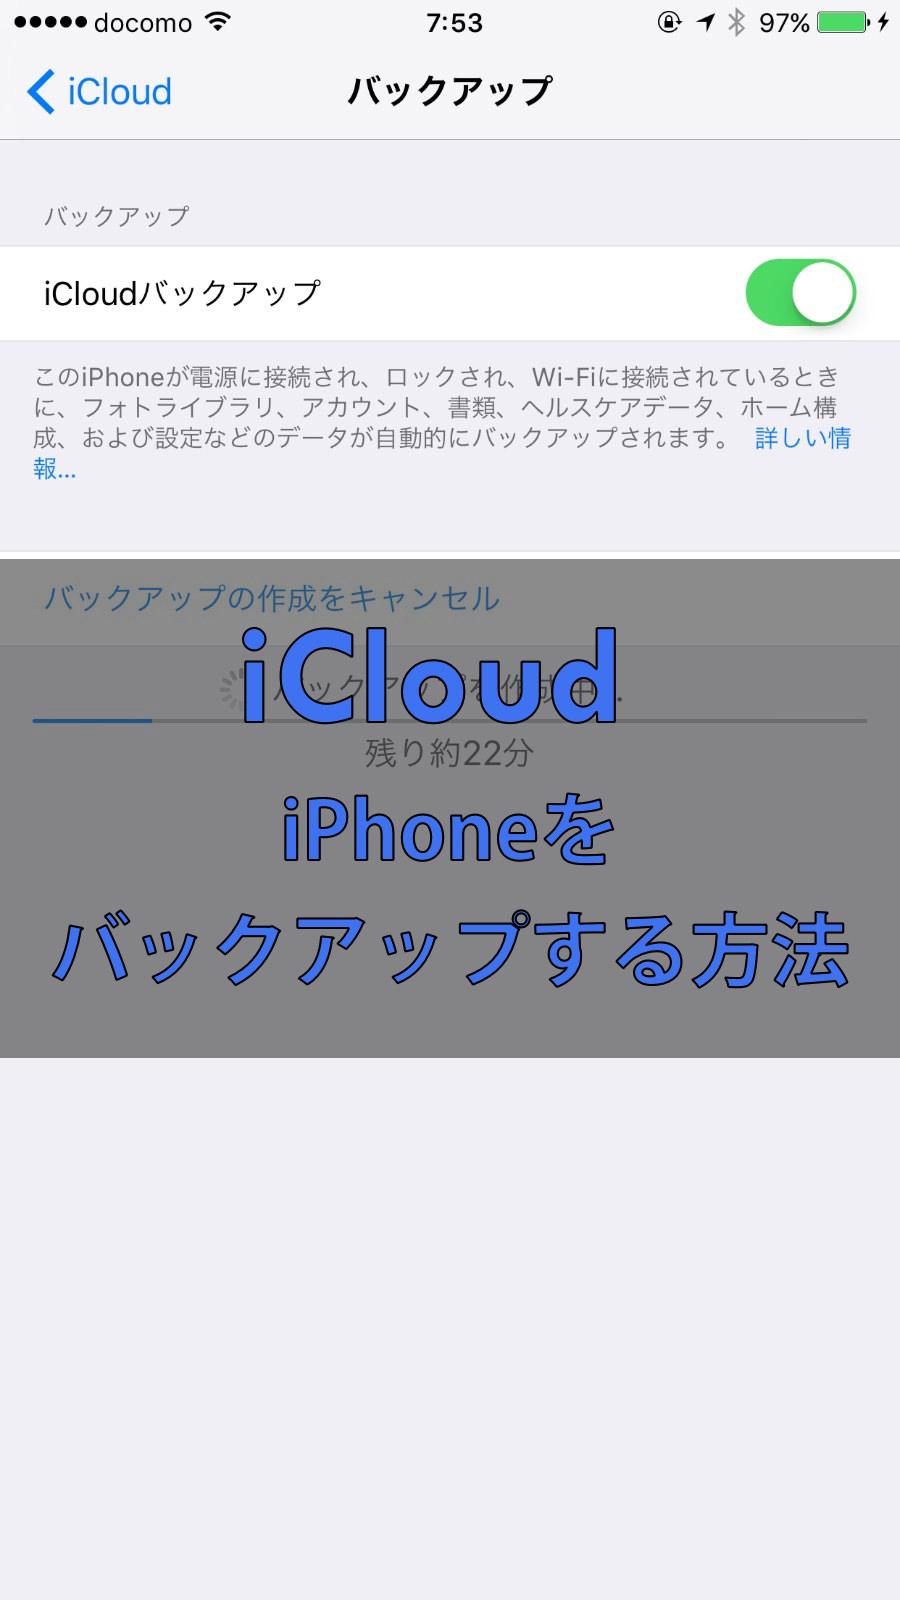 「iCloud」でiPhoneをバックアップする方法